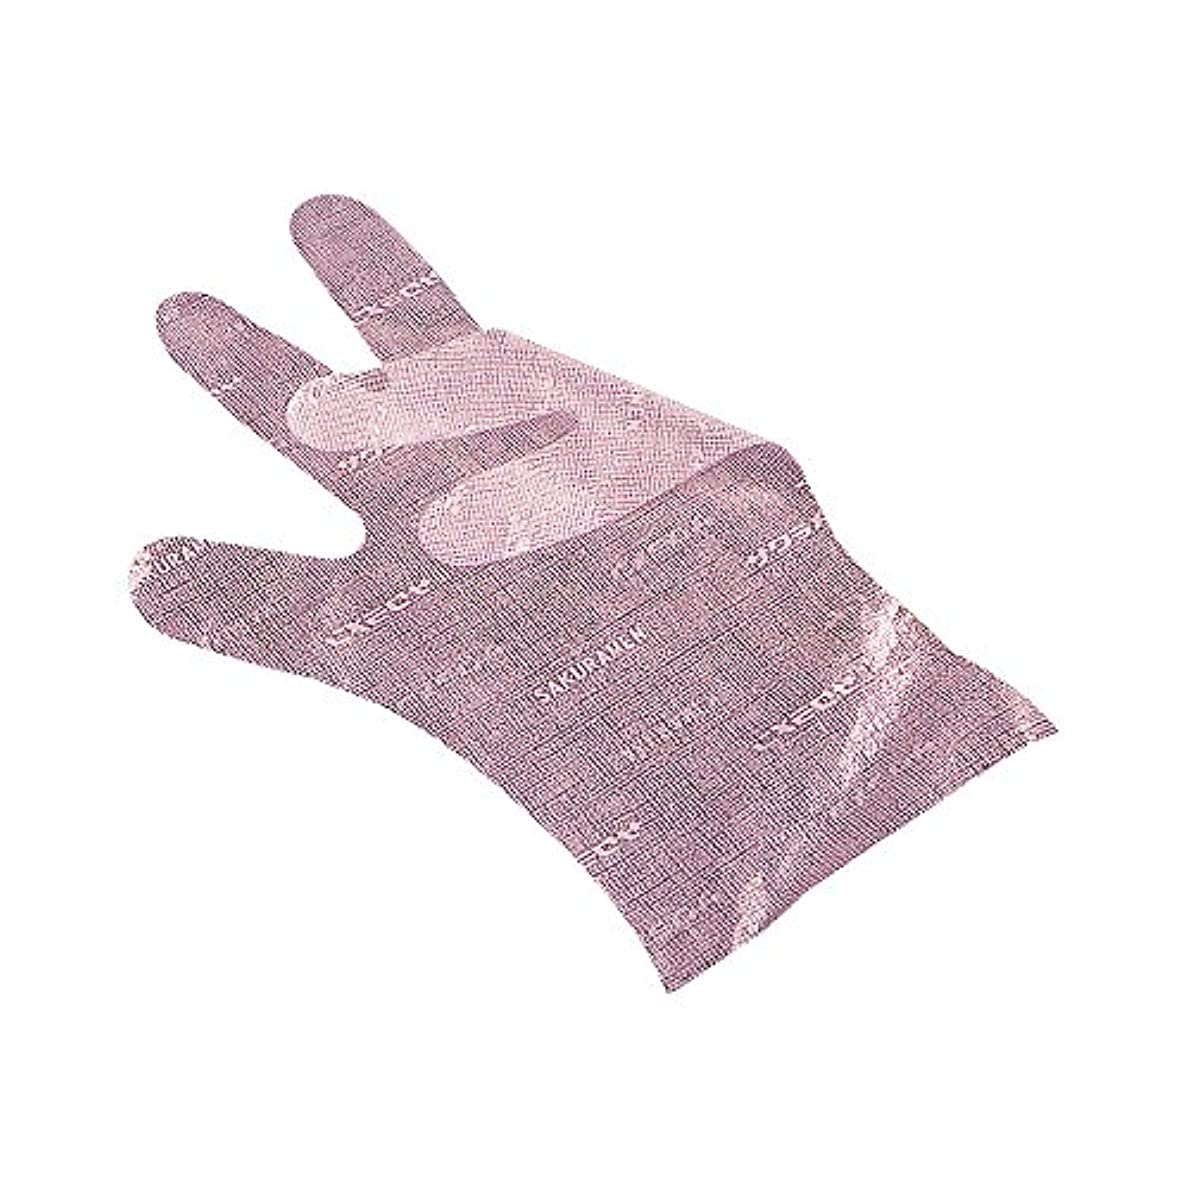 亜熱帯息切れ酸サクラメンエンボス手袋 デラックス ピンク M 100枚入